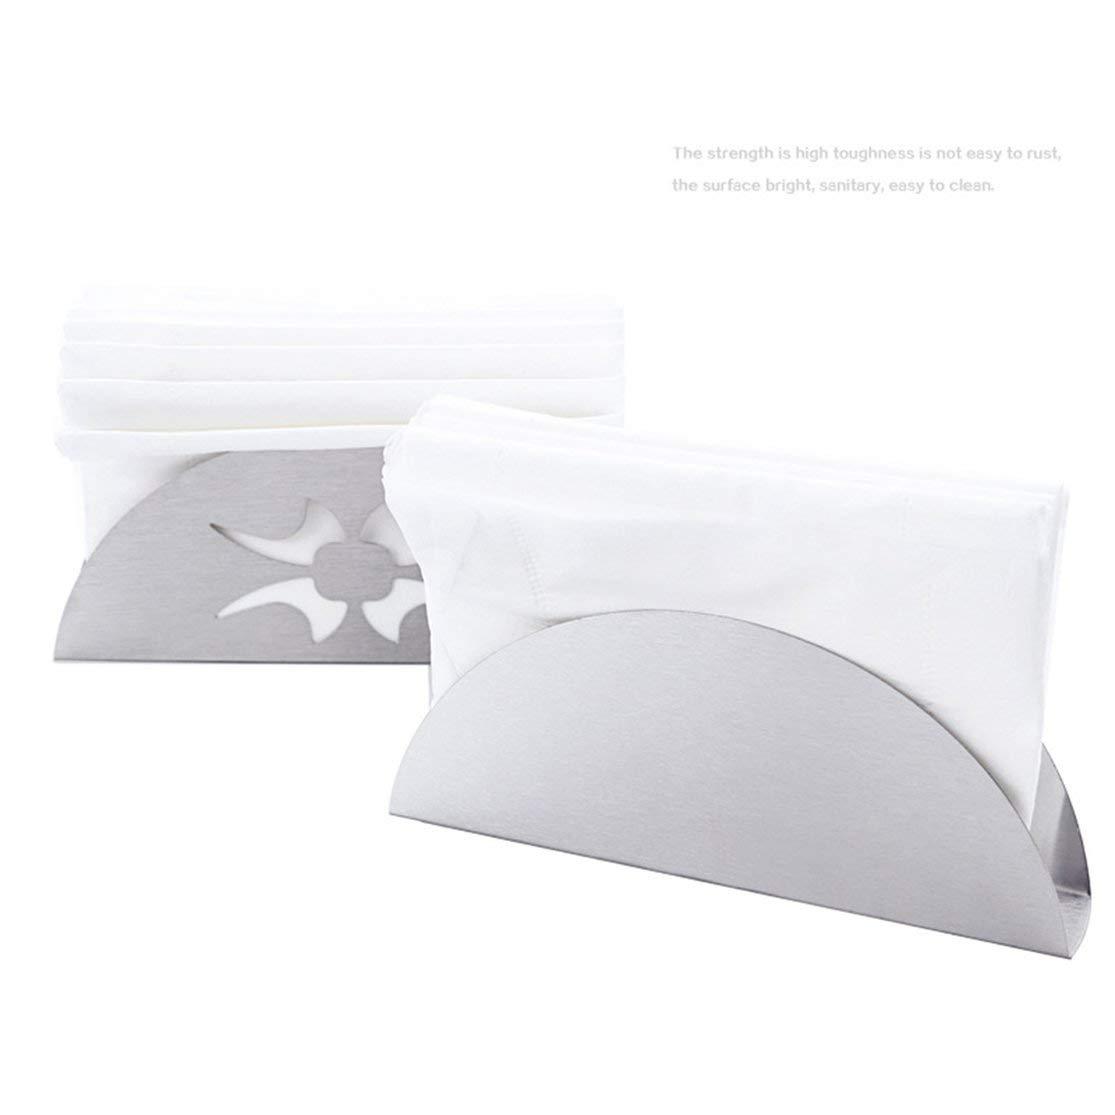 Portatovaglioli in acciaio inossidabile a forma di ventaglio con supporto per fazzoletti di carta tovagliolo e clip verticale per cucina domestica Kaemma supporto per fazzoletti